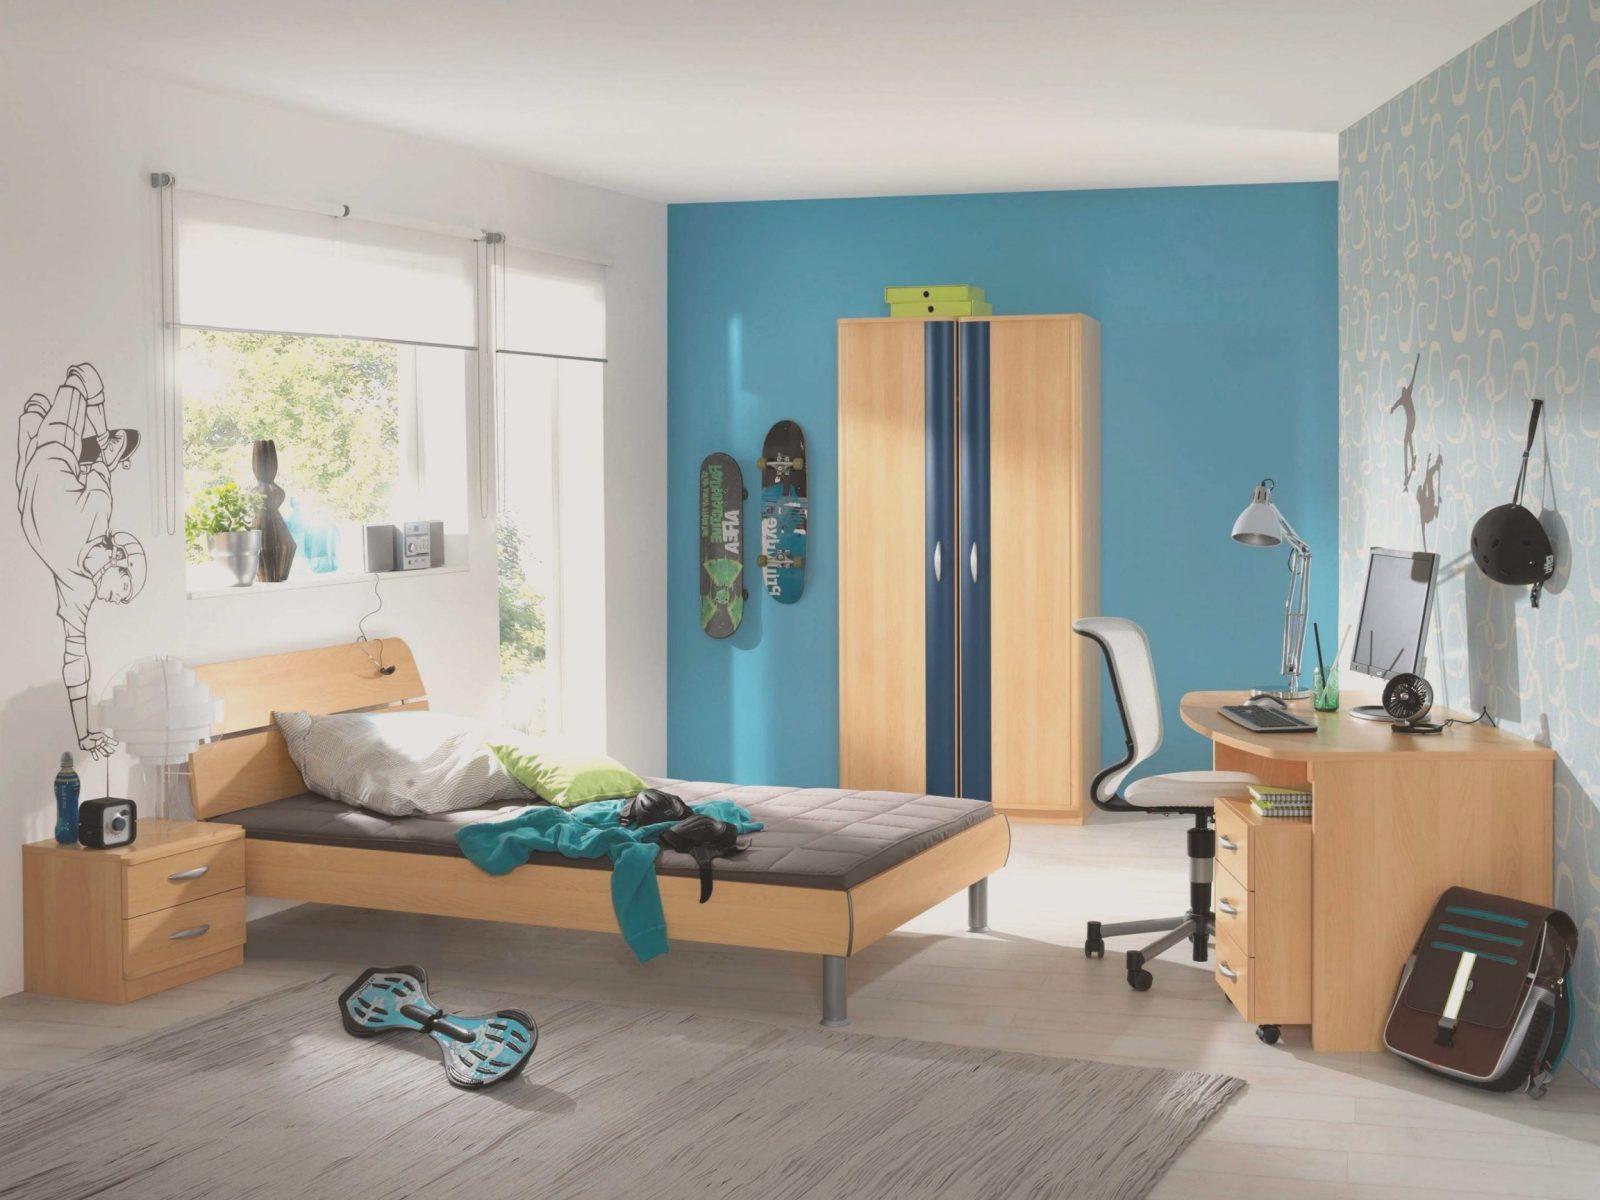 30 Tolle Kinderzimmer Ideen Zum Selbermachen Ausdrucken  Blupebble von Deko Ideen Jugendzimmer Selber Machen Bild